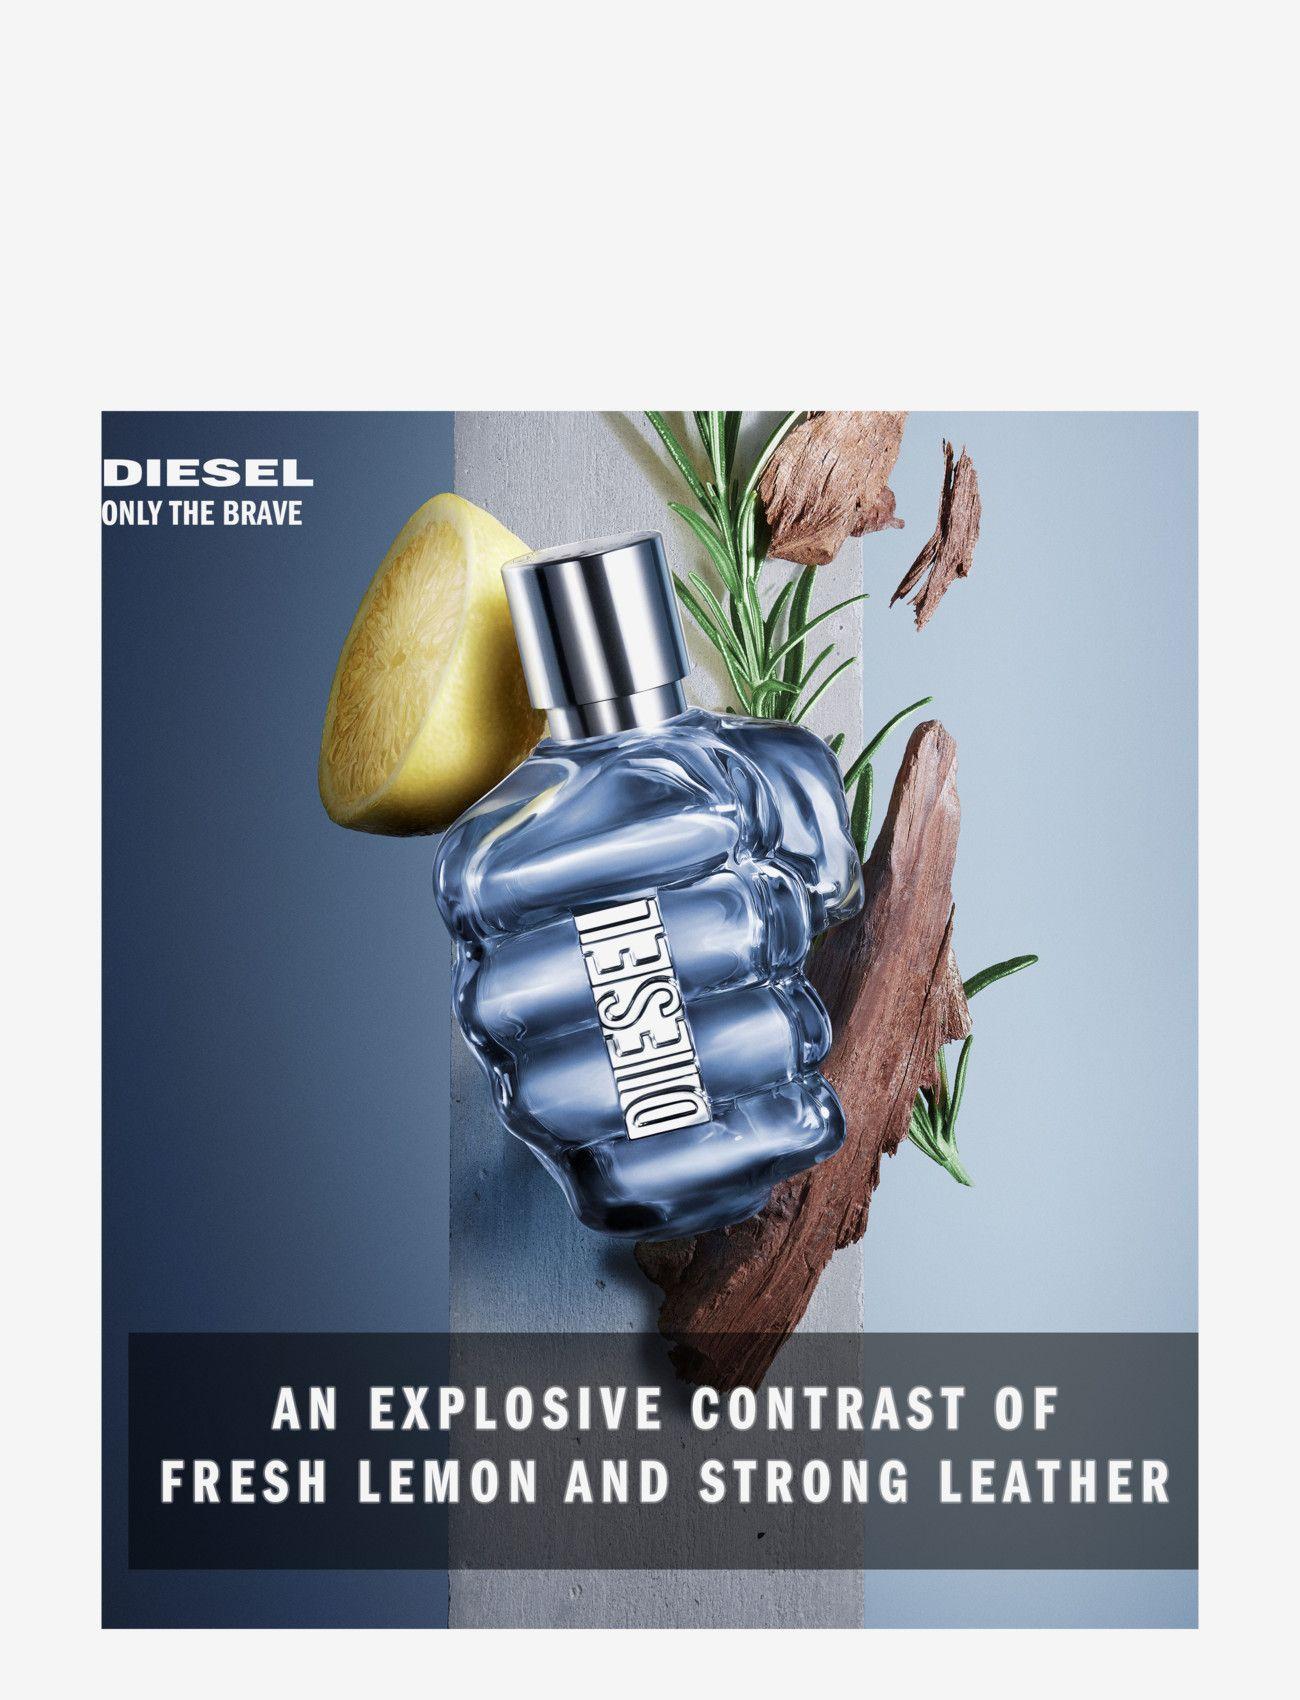 Diesel - Fragrance - Only The Brave Eau de Toilette 75 ml - eau de toilette - no color code - 1